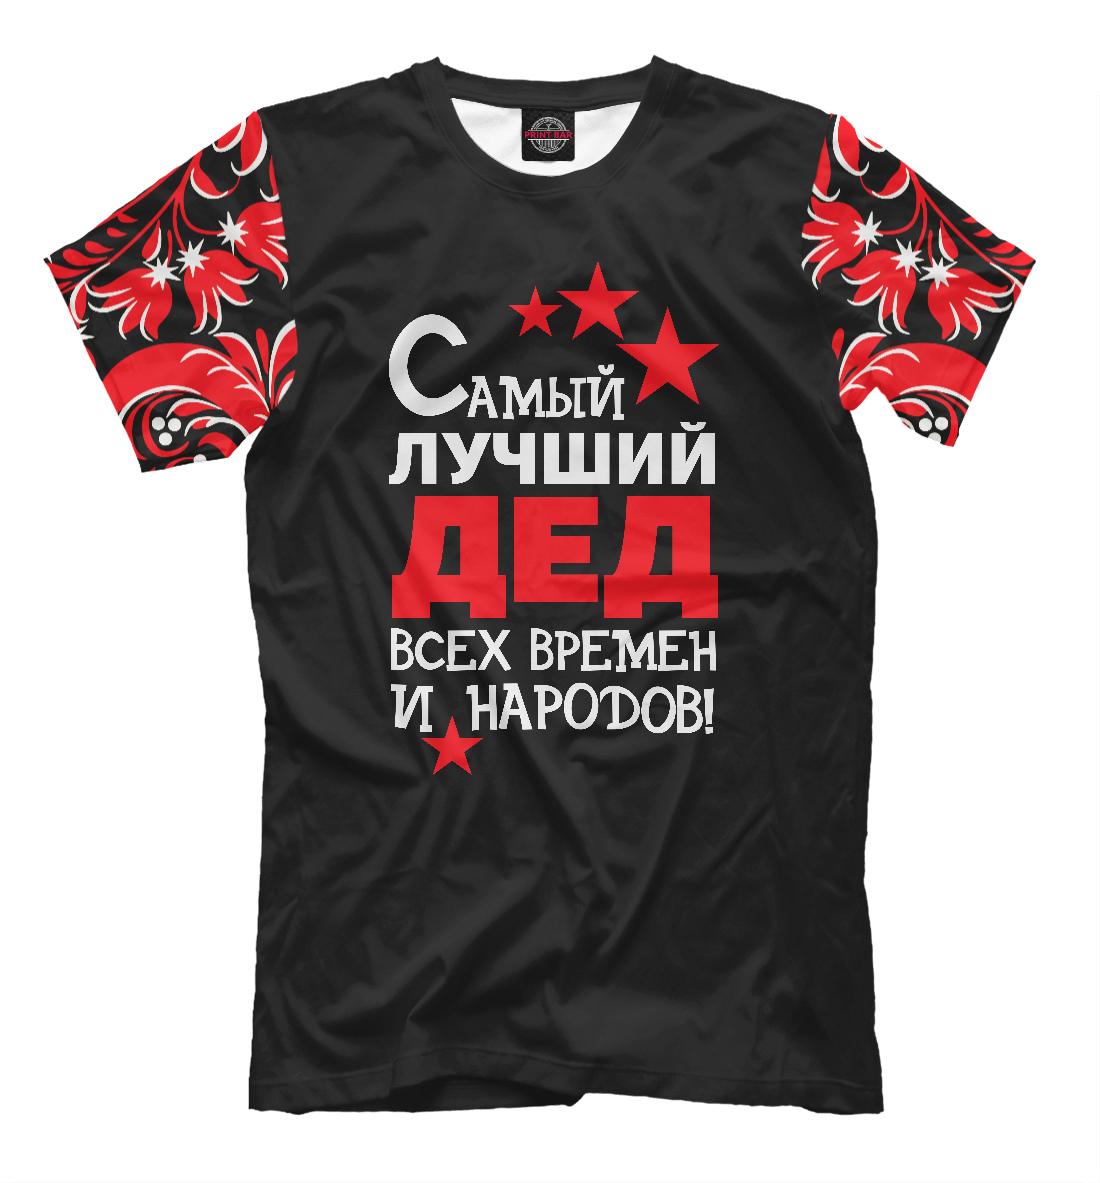 Купить Самый лучший дед, Printbar, Футболки, SEM-766186-fut-2